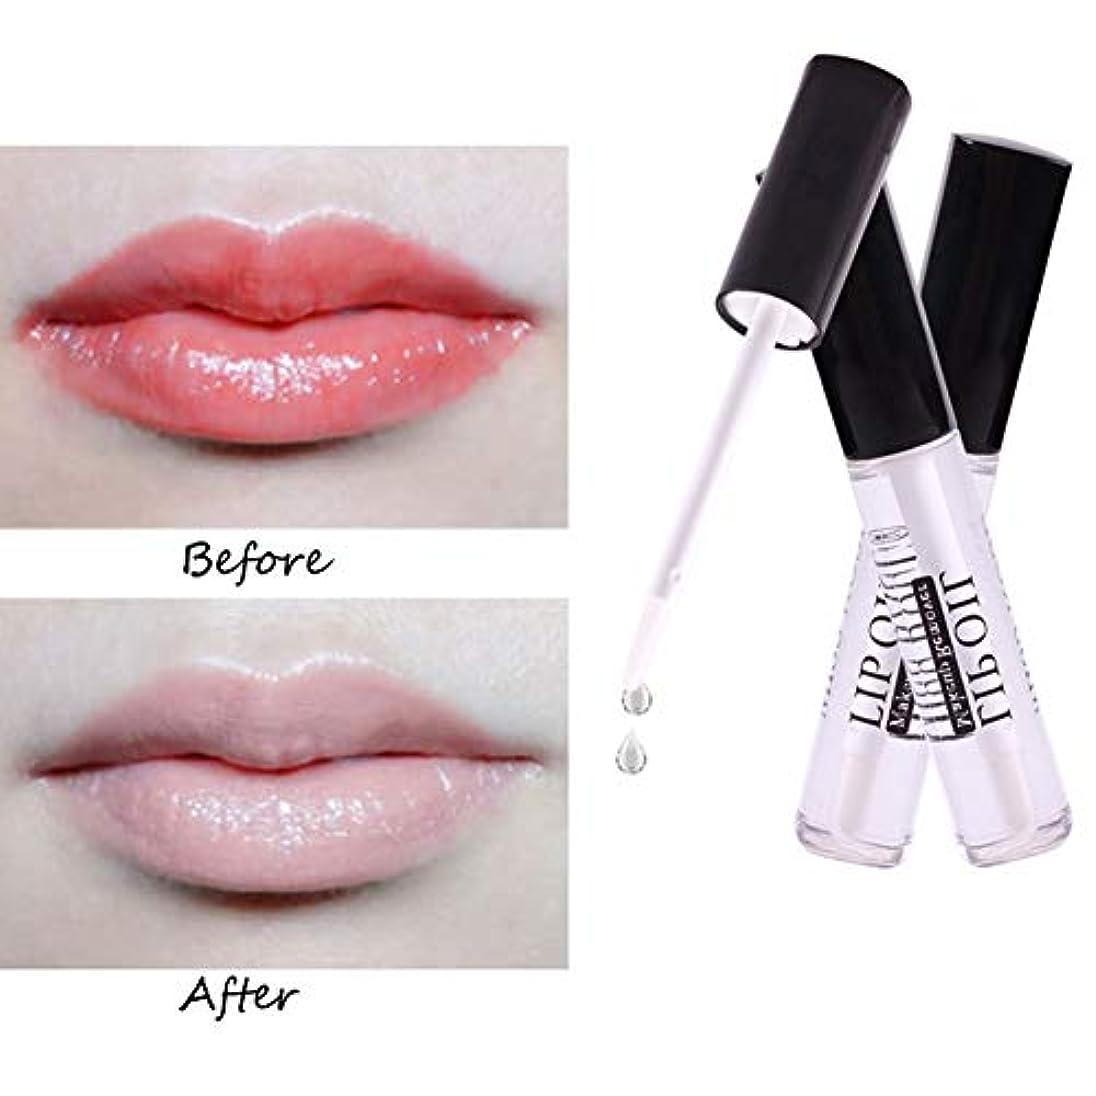 そこメイドマイクロフォンACHICOO クレンジングオイル リップグロス·リップスティック·口紅専用 唇 保湿 健康 プロ化粧